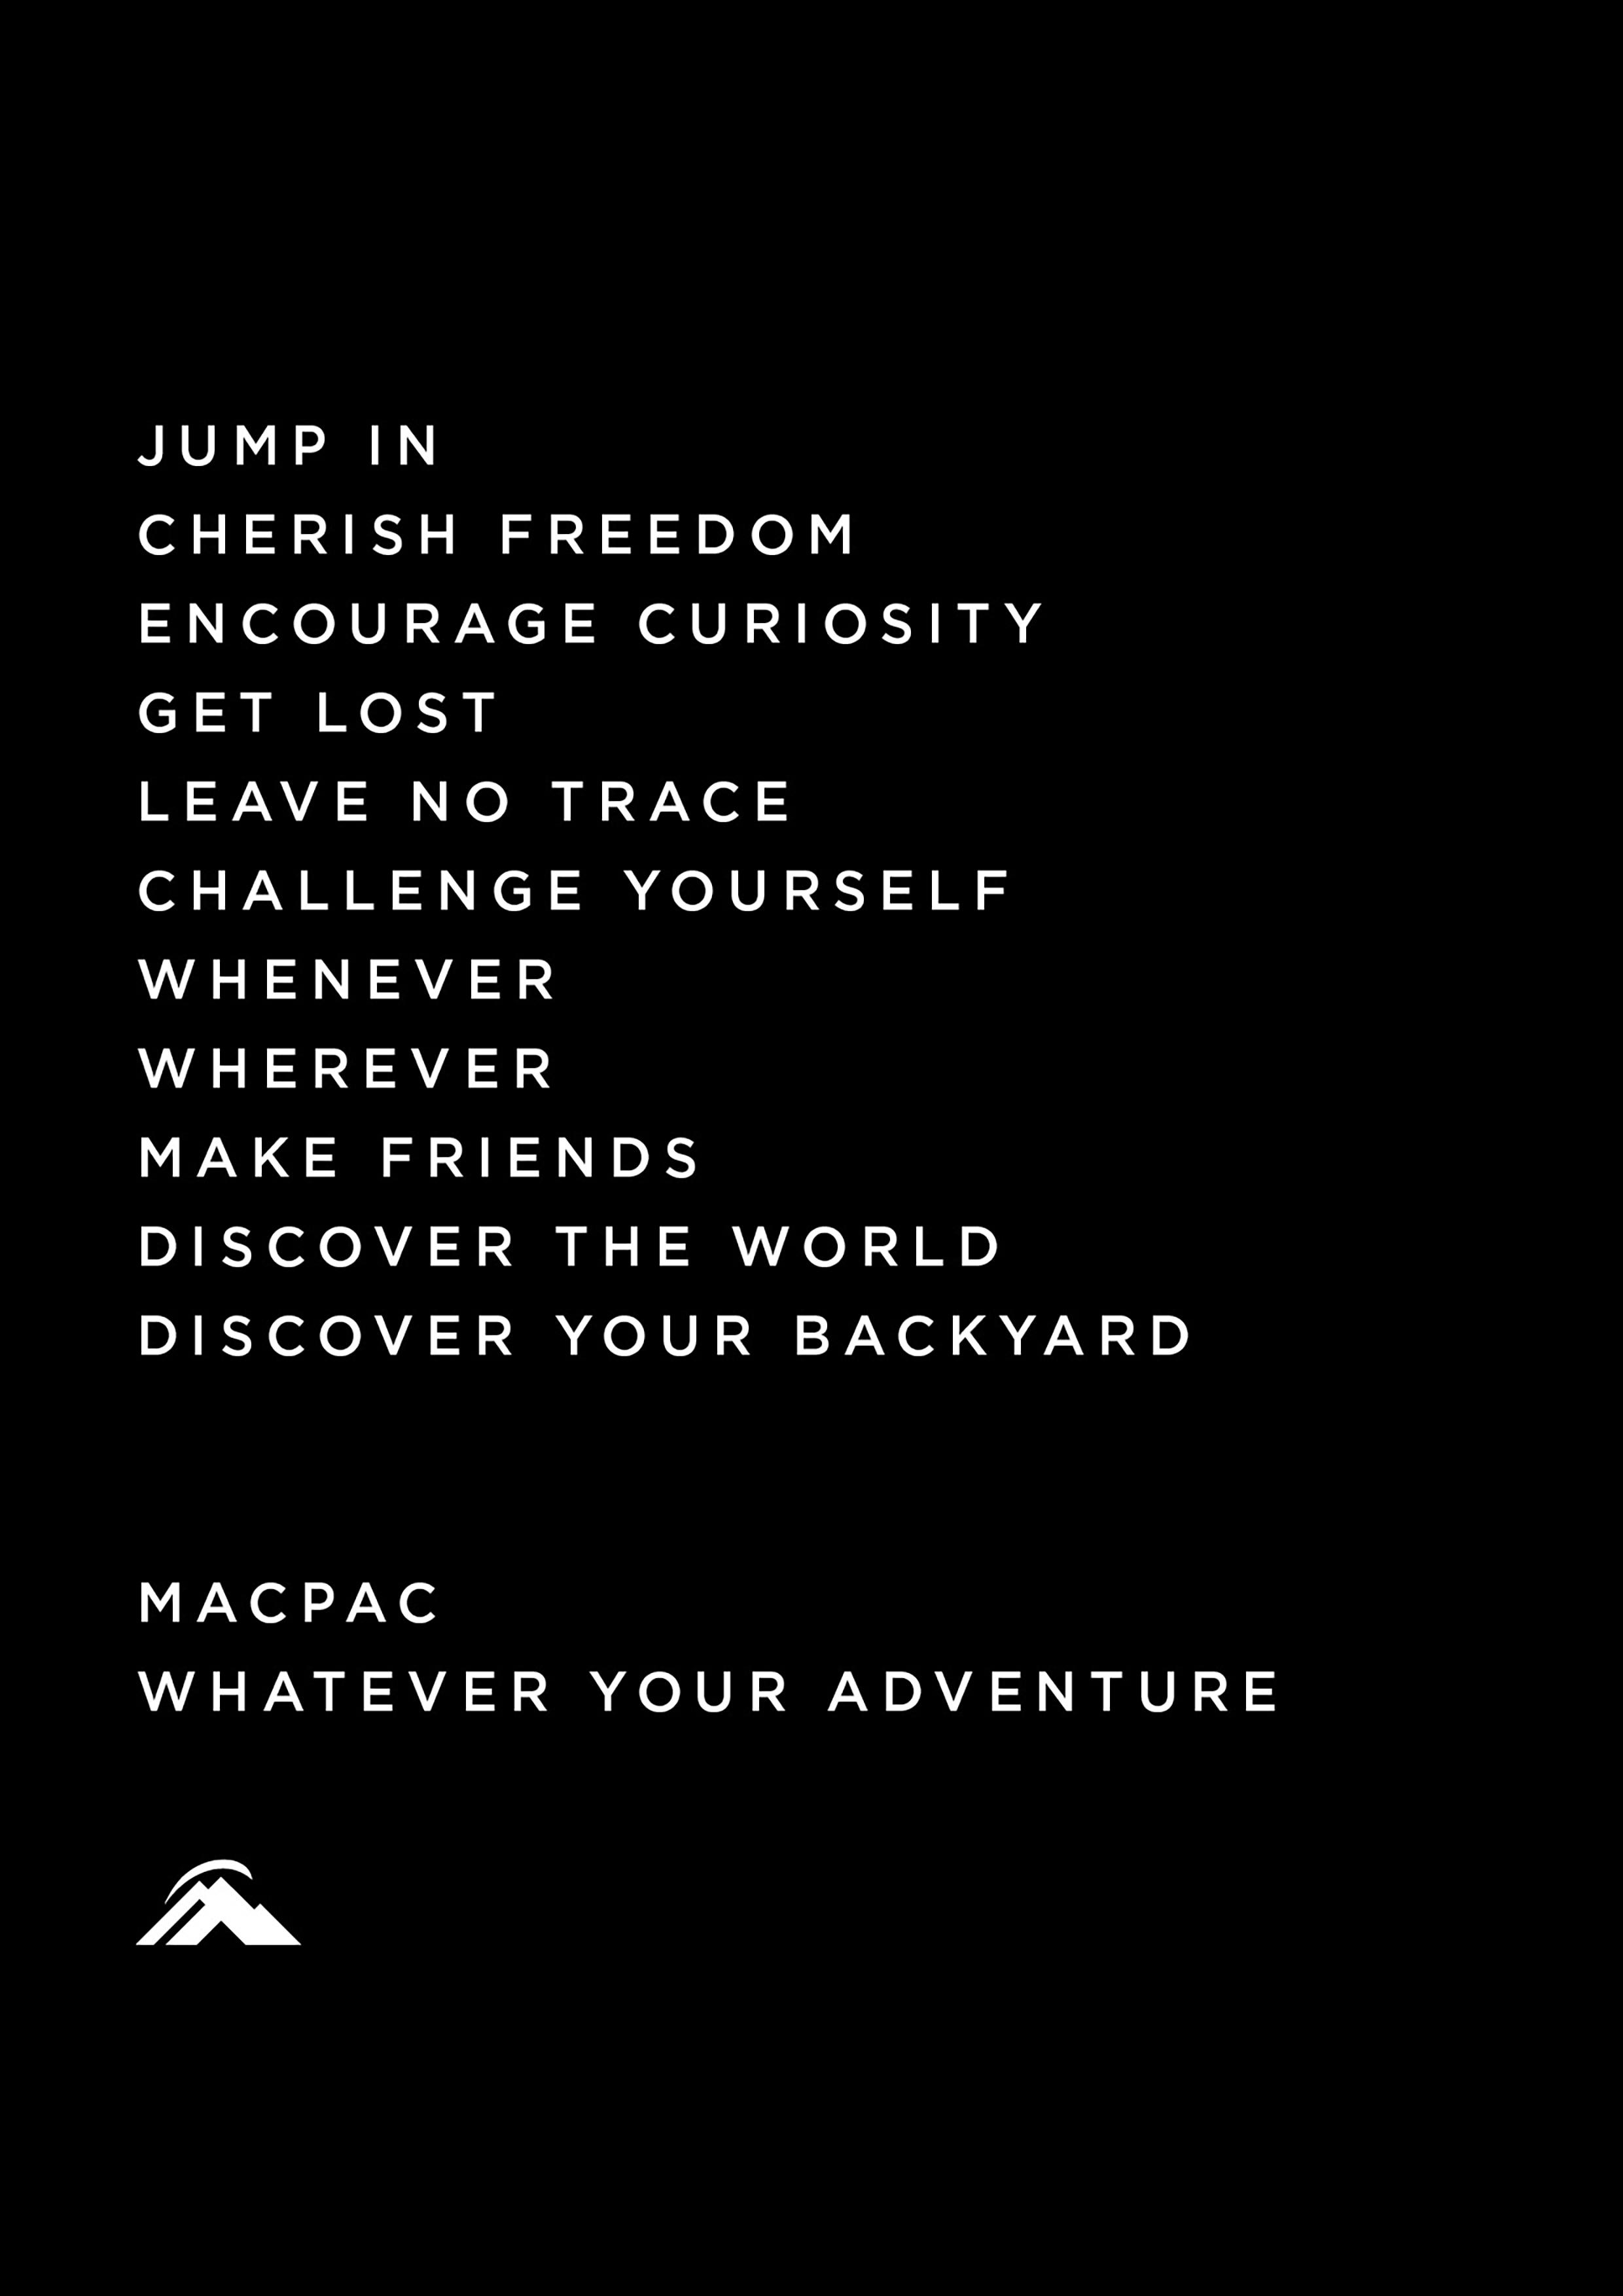 MACPAC STORY